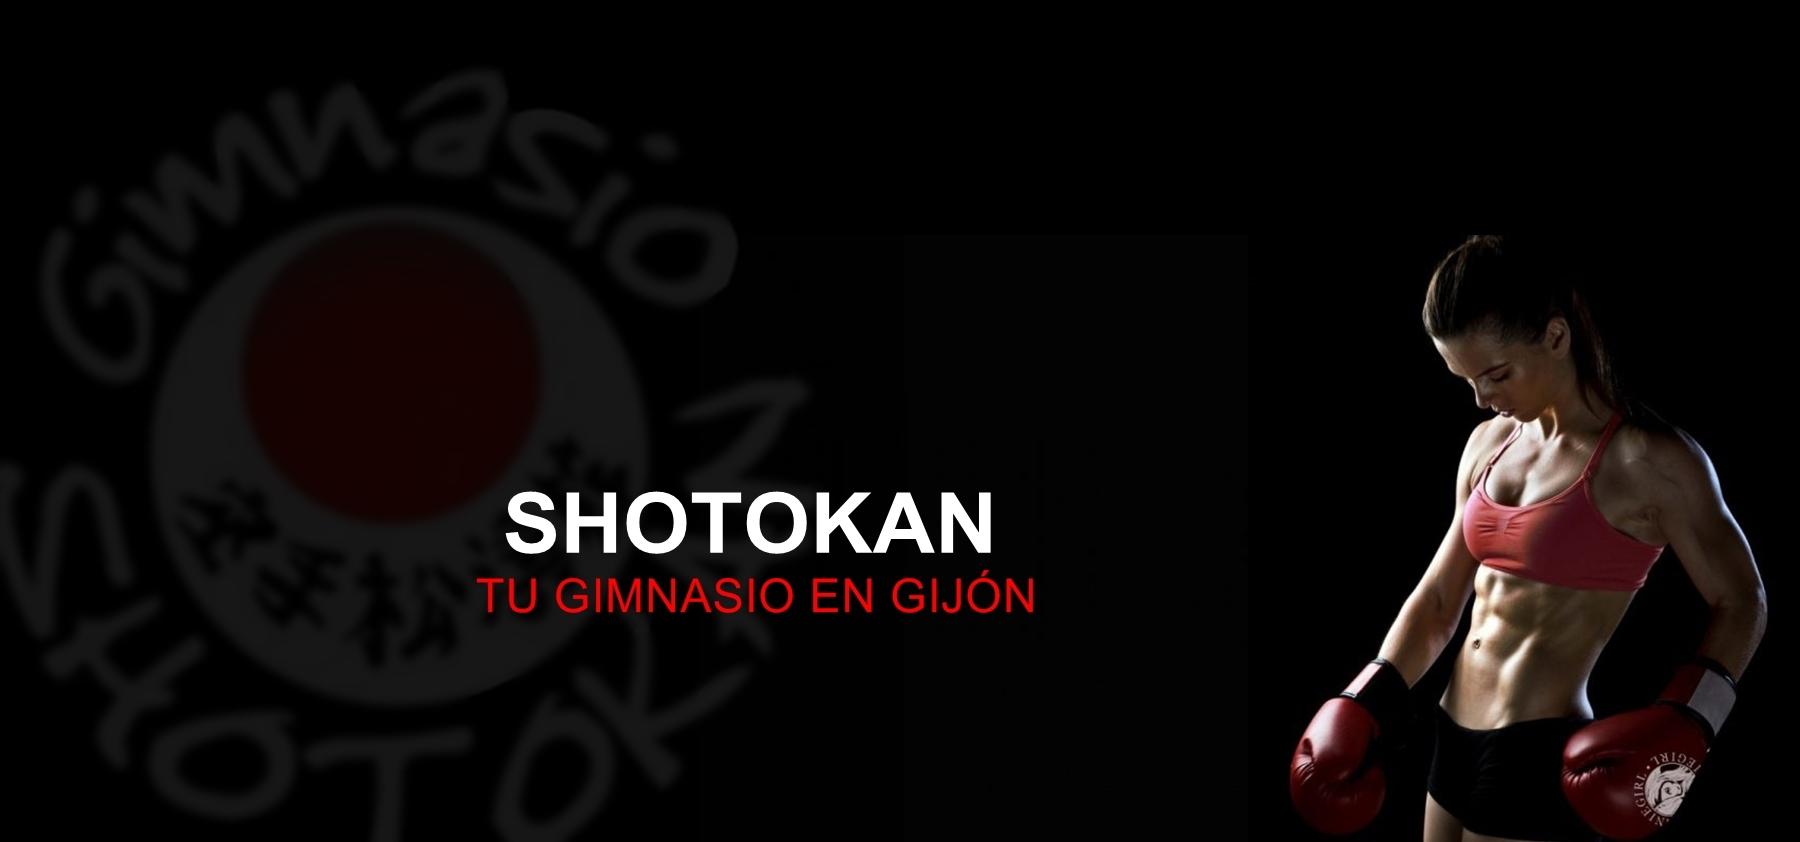 Gimnasio Shotokan - Artes Marciales y Deportes de Contacto -  Tu gimnasio en Gijón